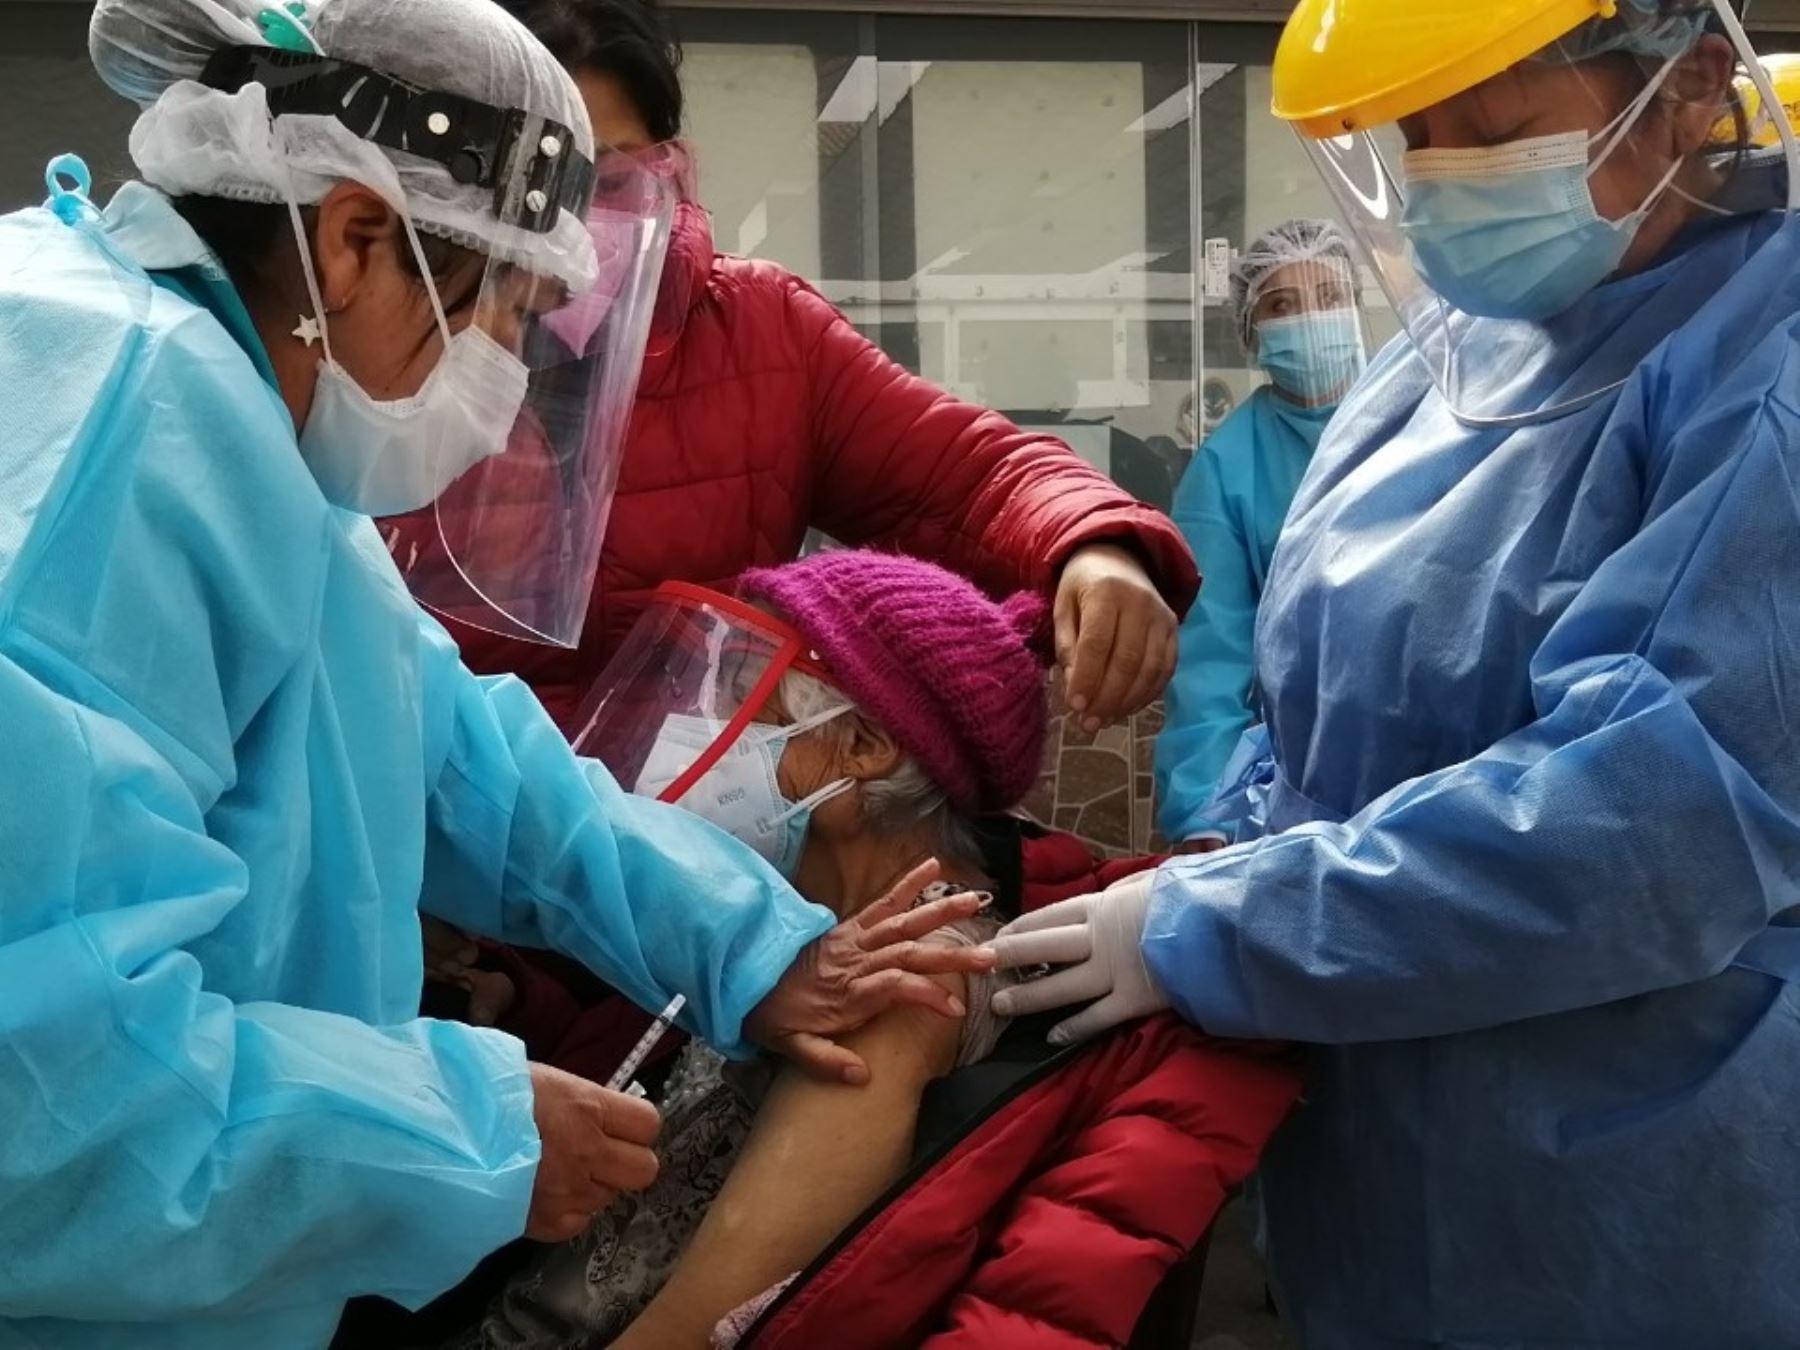 Hoy se inicia vacunación contra la covid-19 a adultos mayores de 70 años en la provincia de Cusco, informaron autoridades de Salud de esa región.